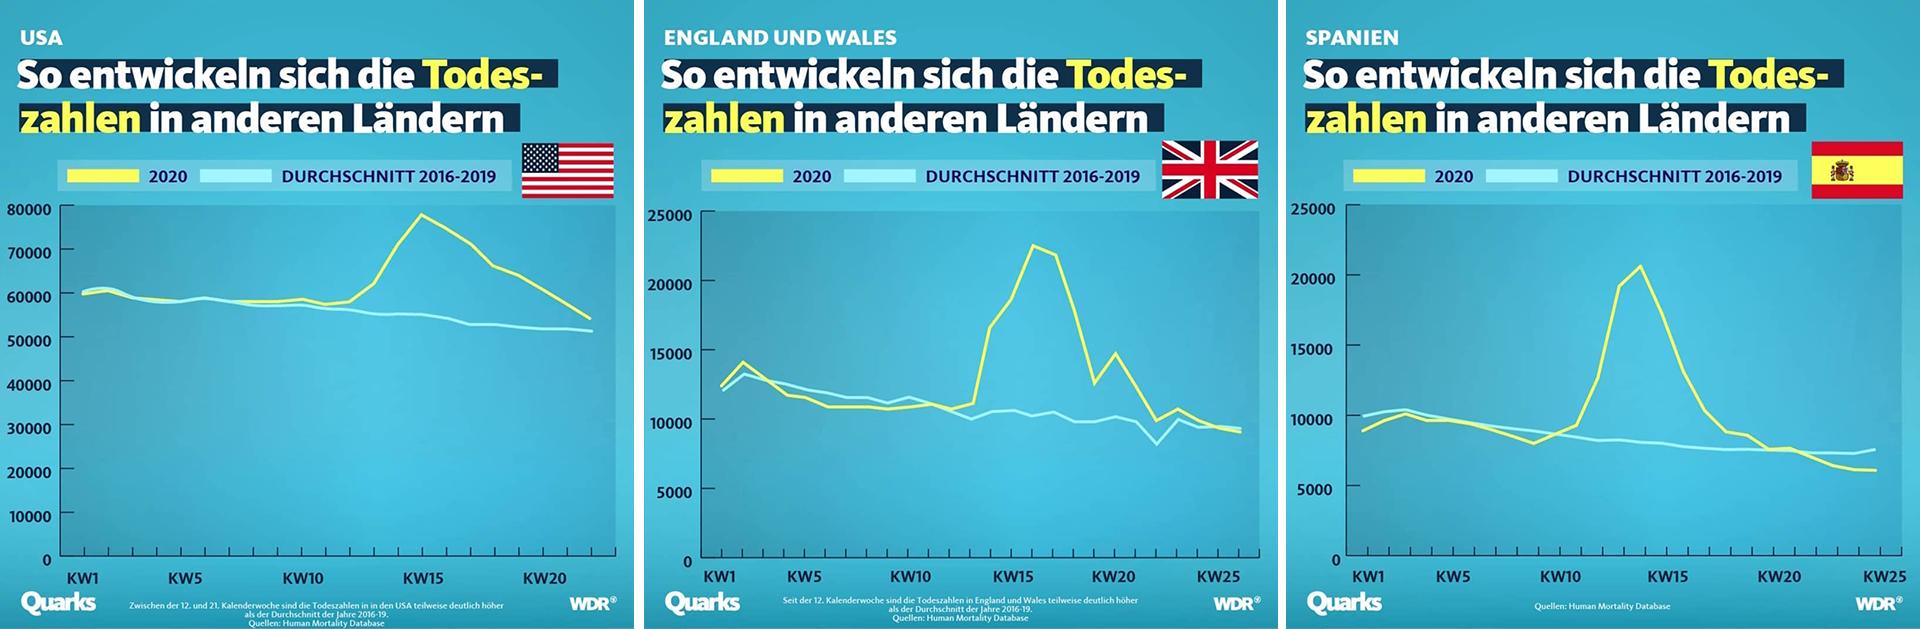 Grafik zu den Corona-Todeszahlen in den USA, England und Spanien im Zeitverlauf von einer Woche.